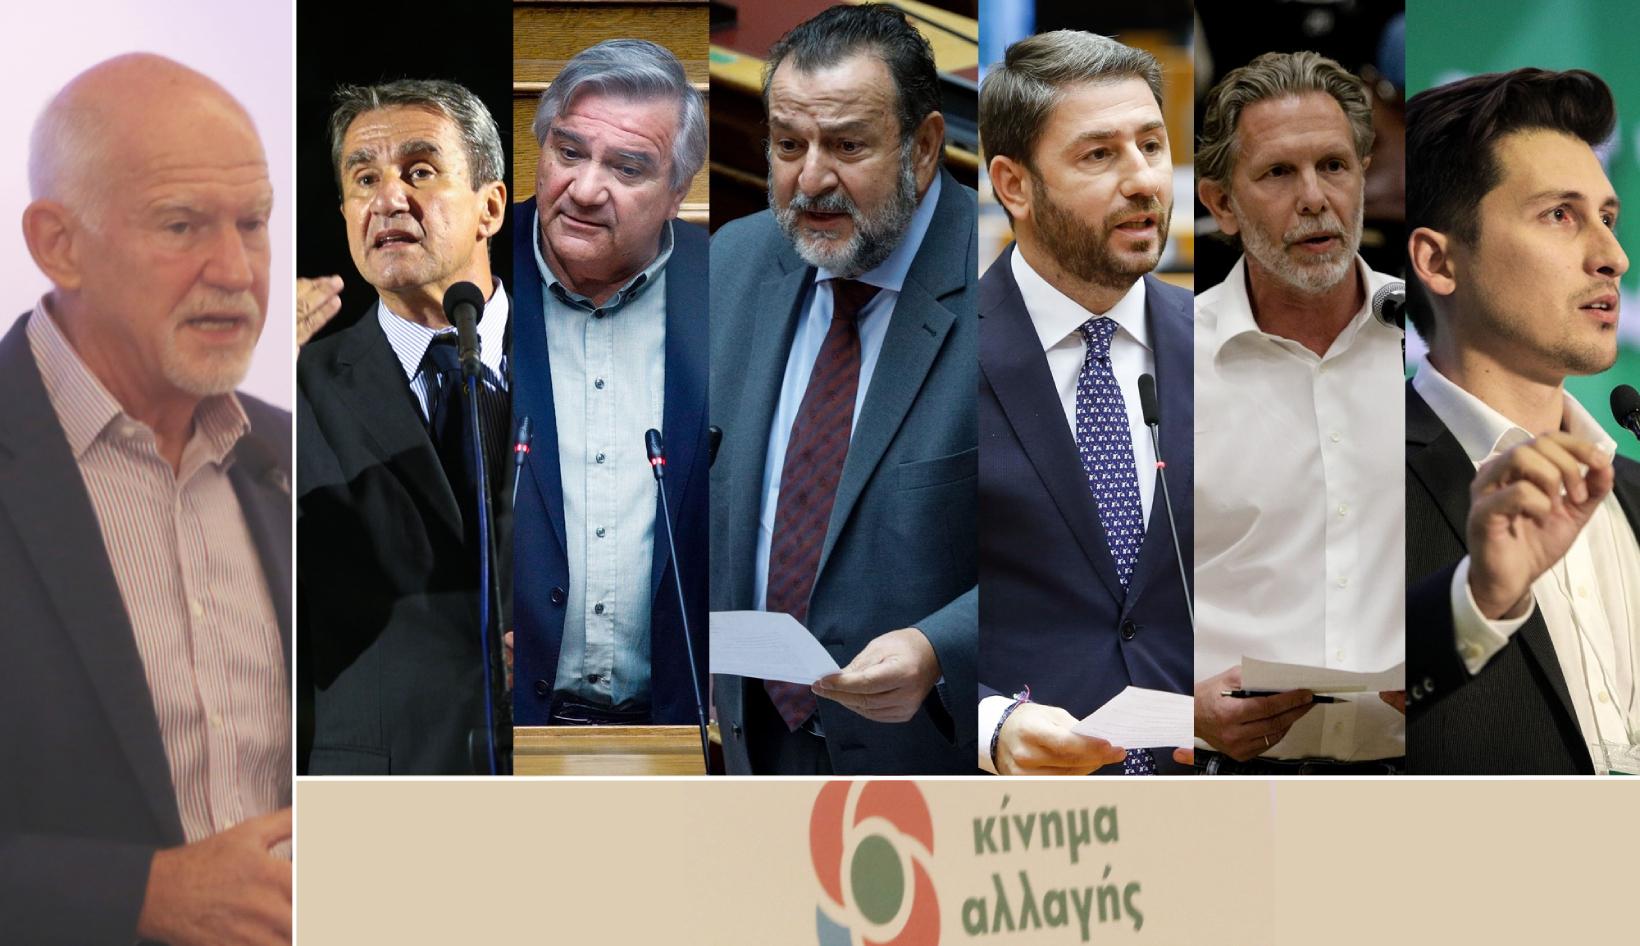 ΚΙΝΑΛ: Συνέχεια προεκλογικού αγώνα για τους έξι – Ante portas ανακοινώσεων Παπανδρέου